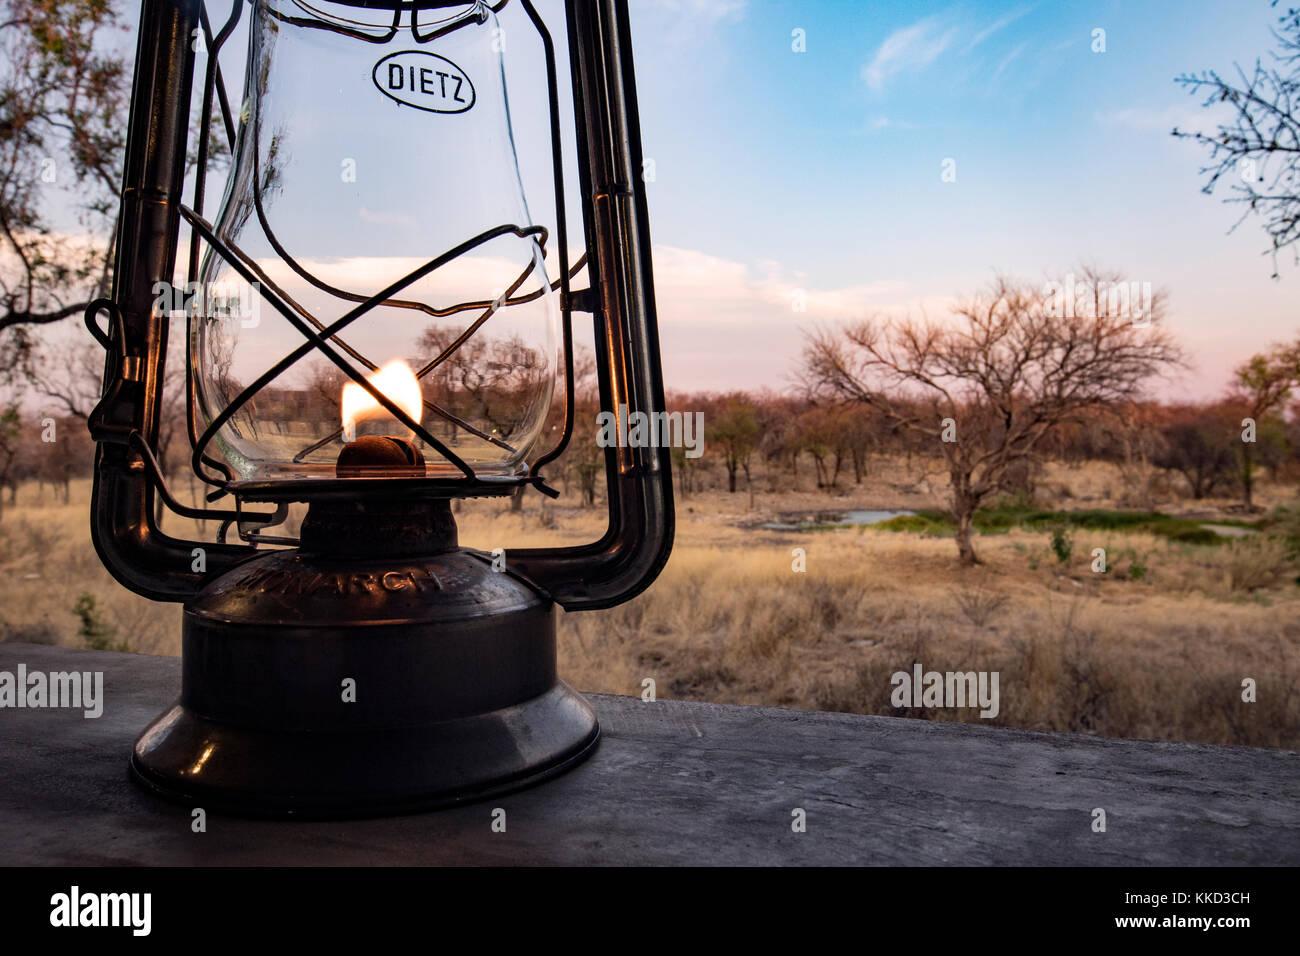 Lanterne et paysage à la réception de camping de luxe Tamboti, Onguma Game Reserve, la Namibie, l'Afrique Photo Stock